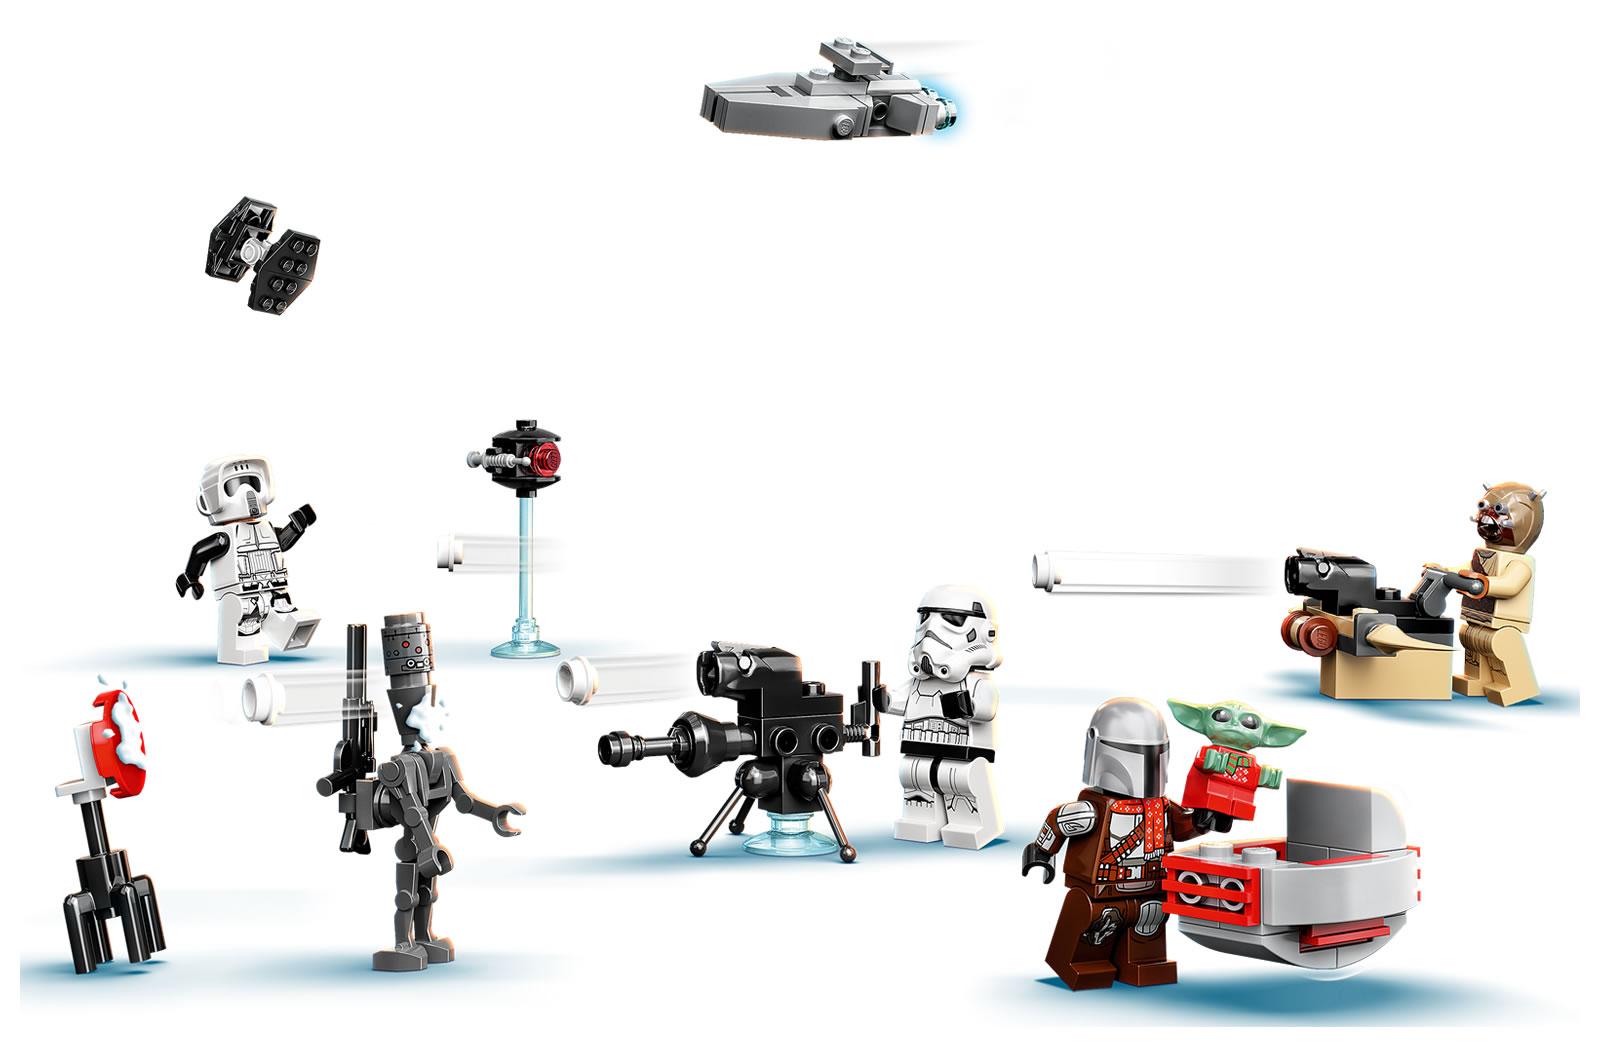 2021年9月1日発売レゴ アドベントカレンダー新製品情報:シティ、フレンズ、ハリポタ、スター・ウォーズの定番シリーズ